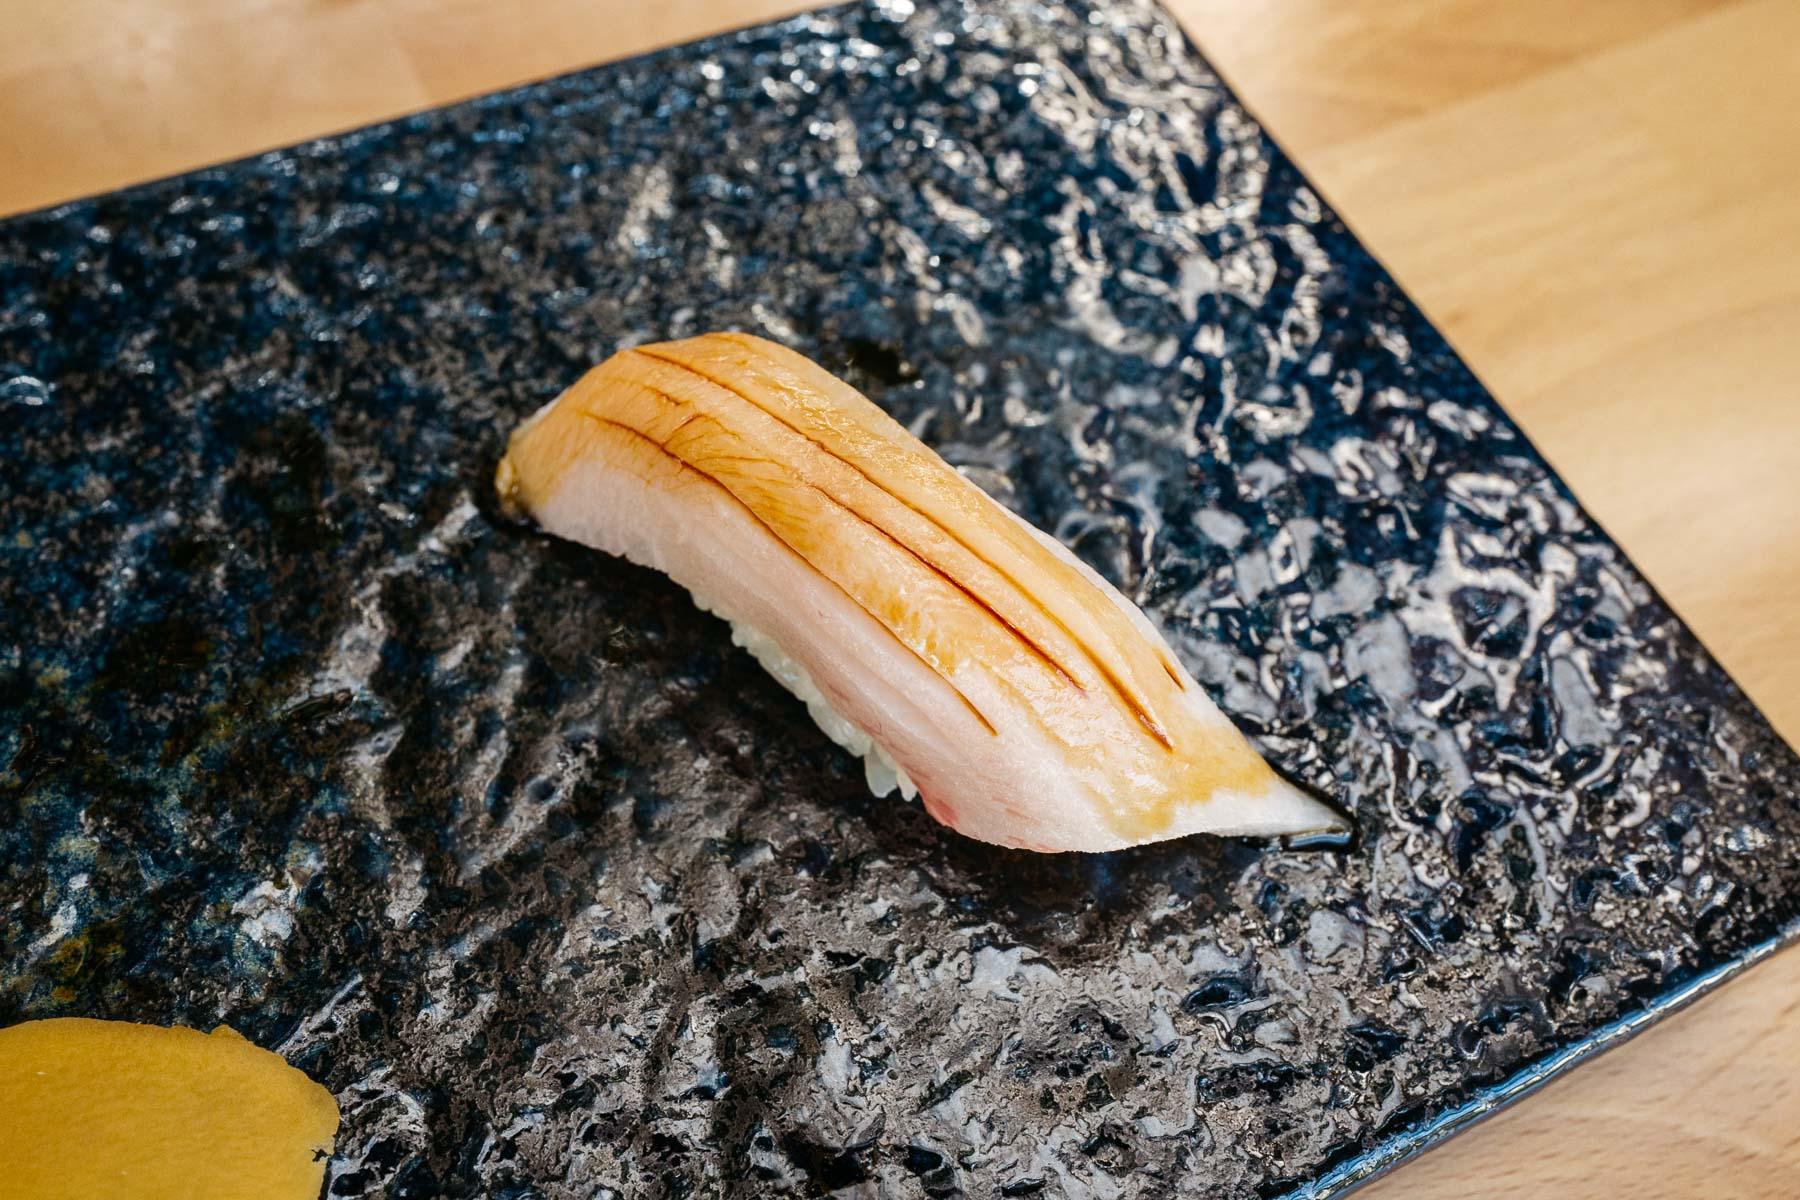 hamachi toro (seriola brzuch)